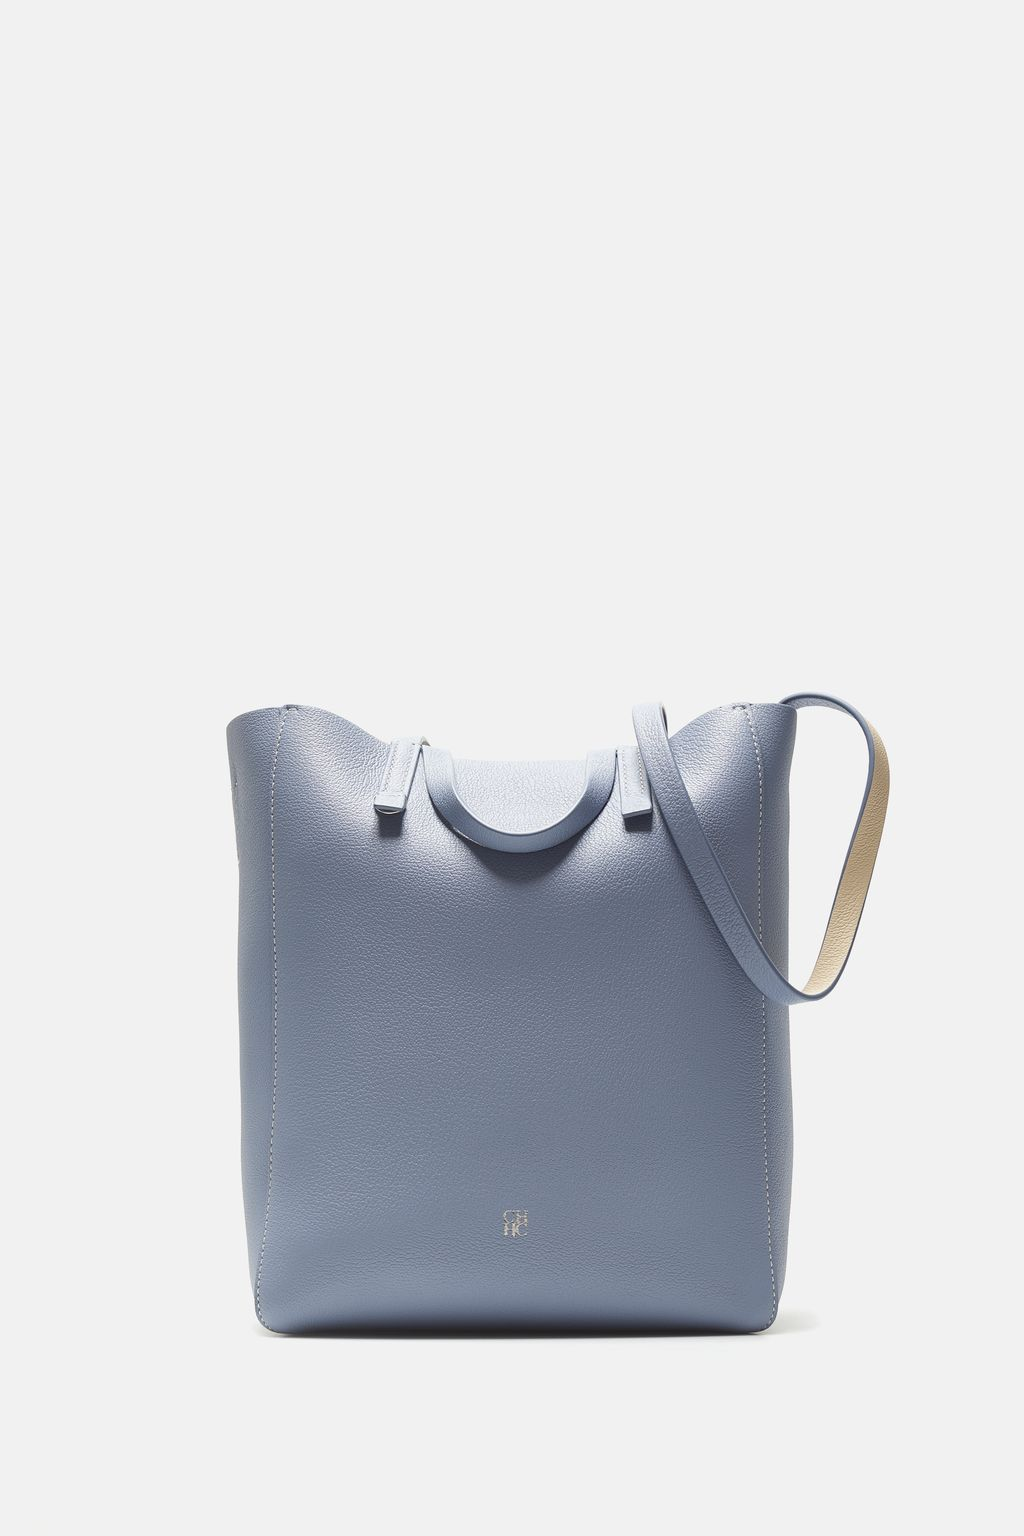 Editors Tote | Small shoulder bag